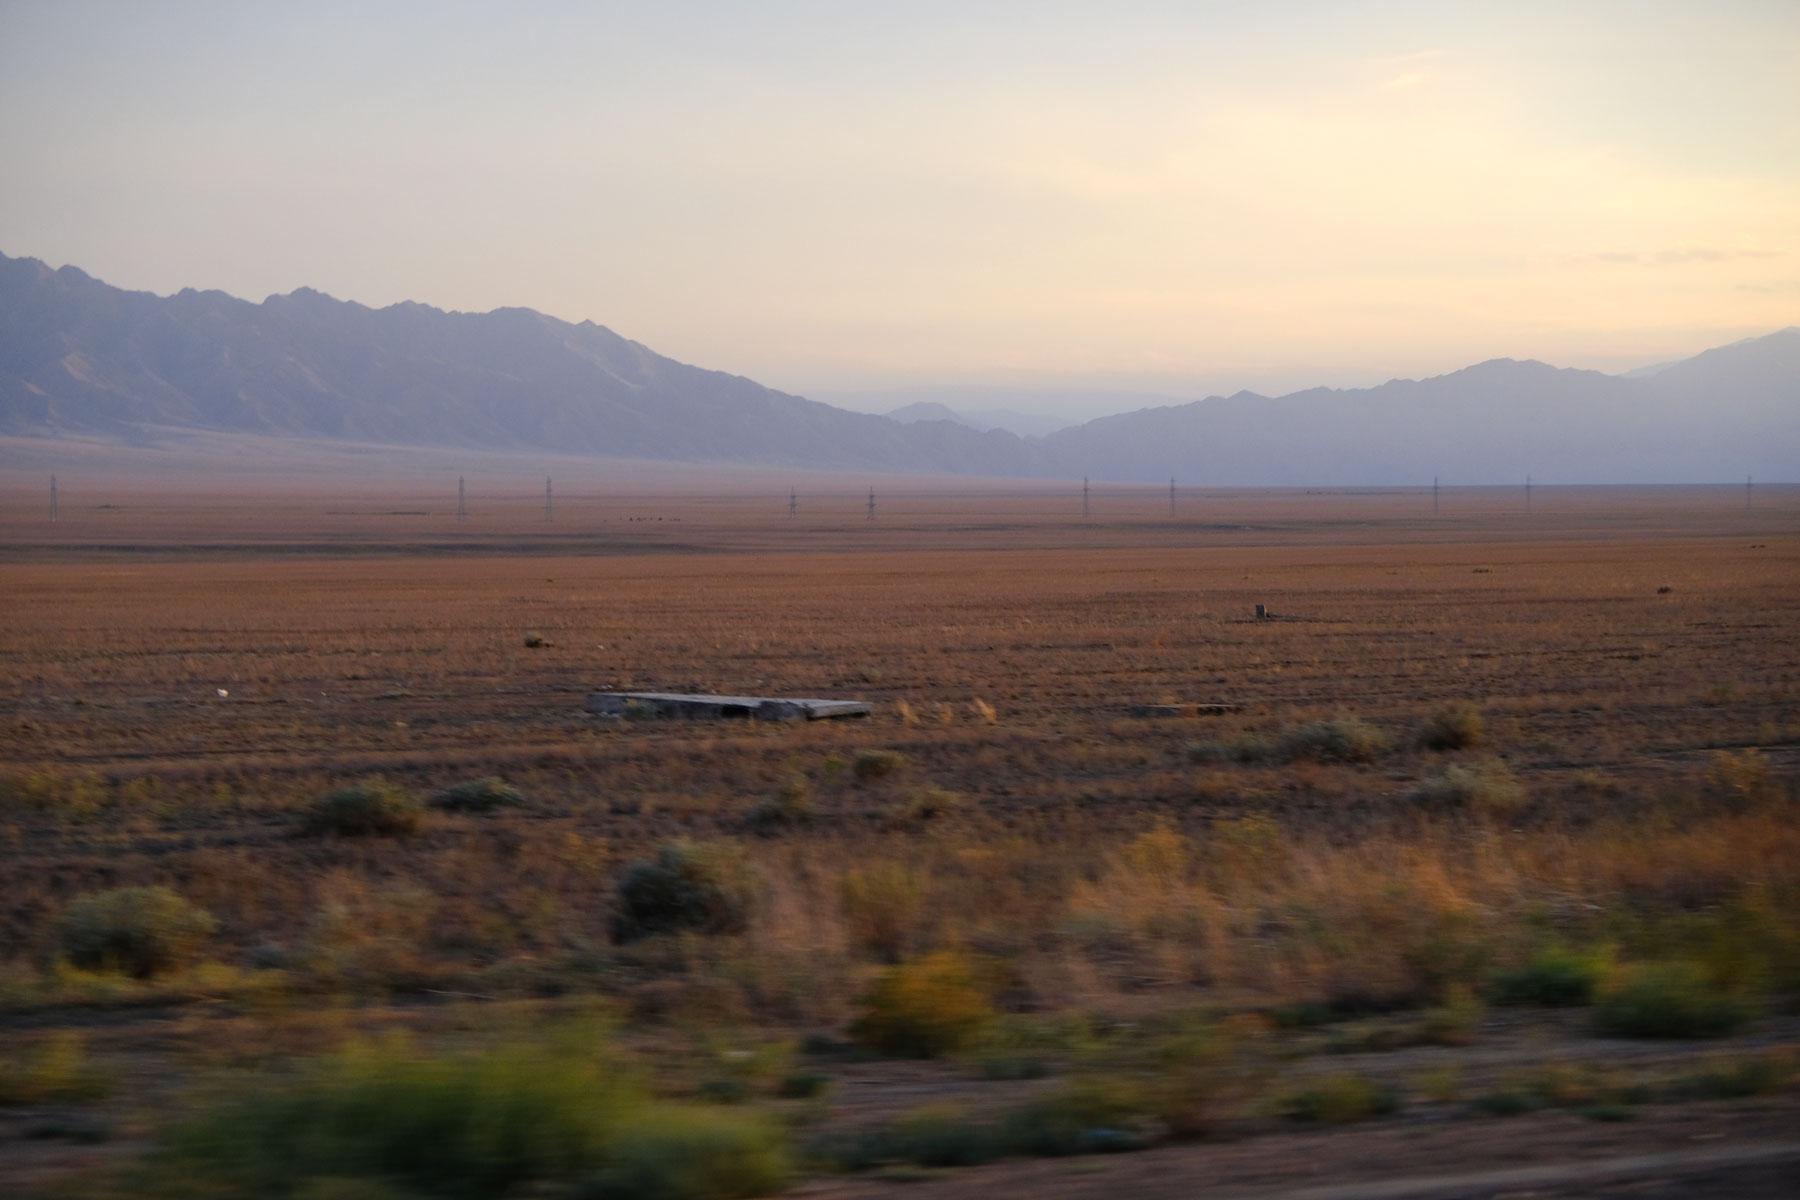 Kurz hinter dem Canyon beginnt die Steppe Kasachstans